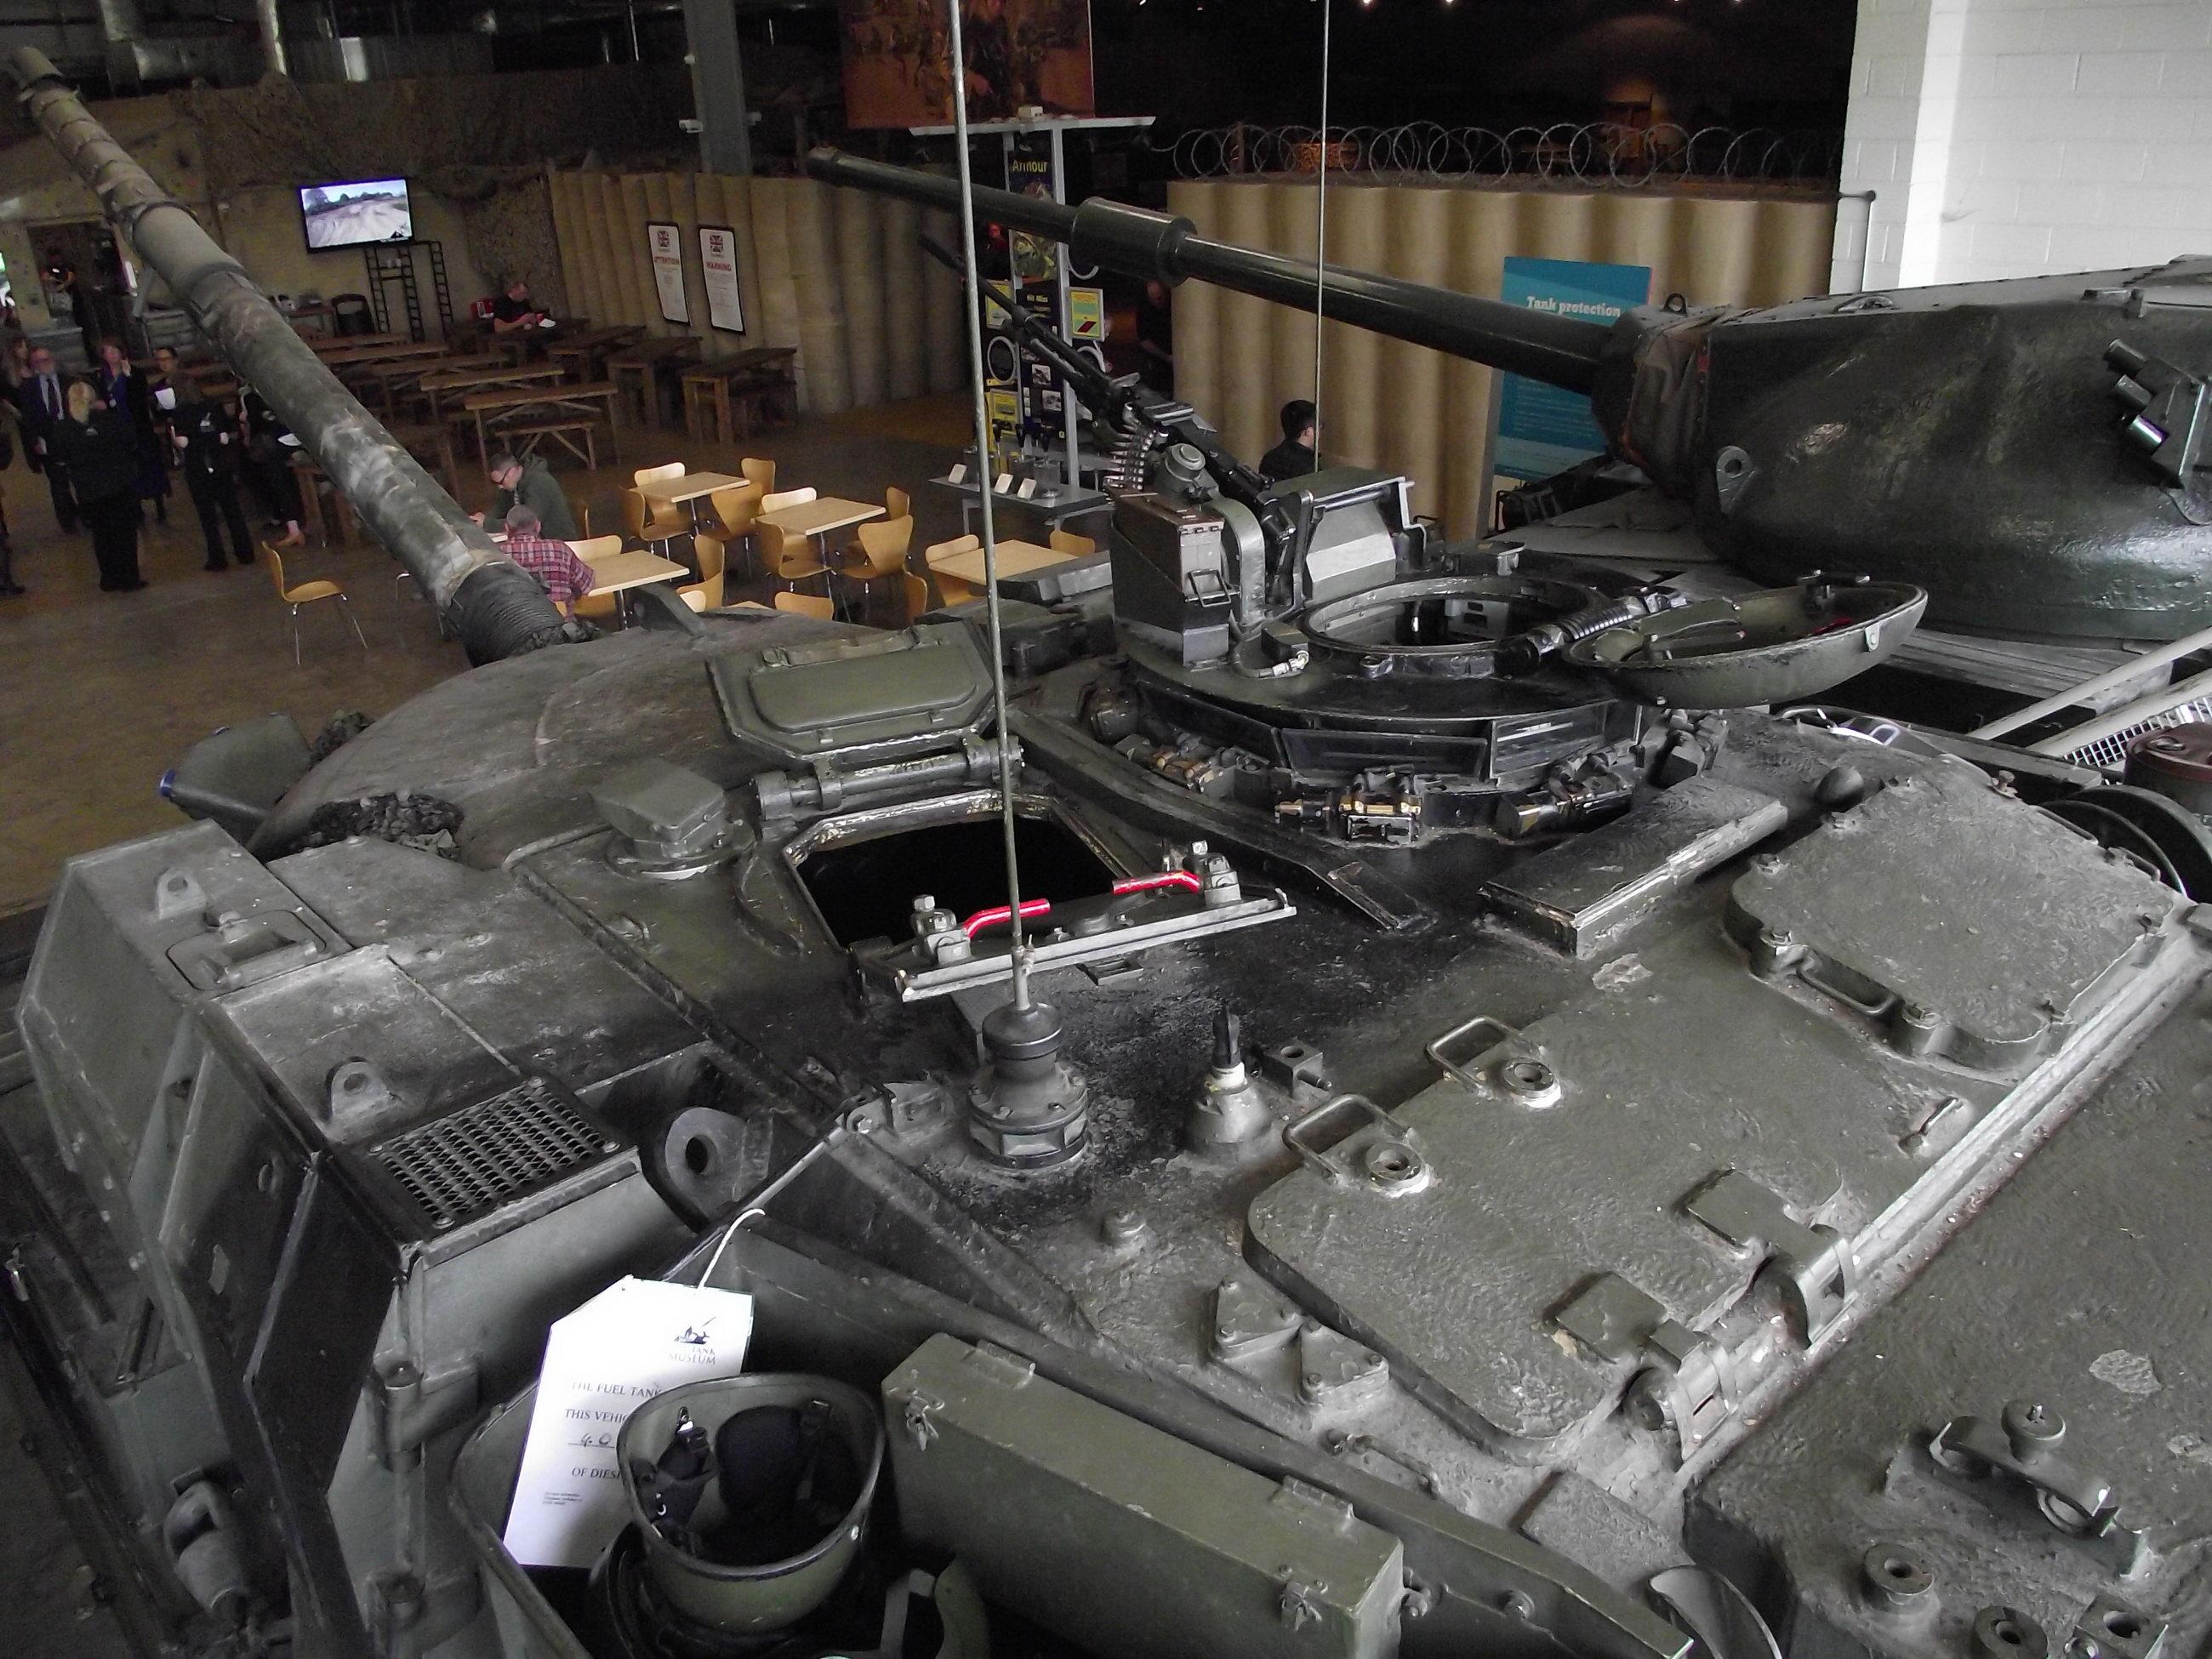 Tank_Museum_20180919_005.jpg